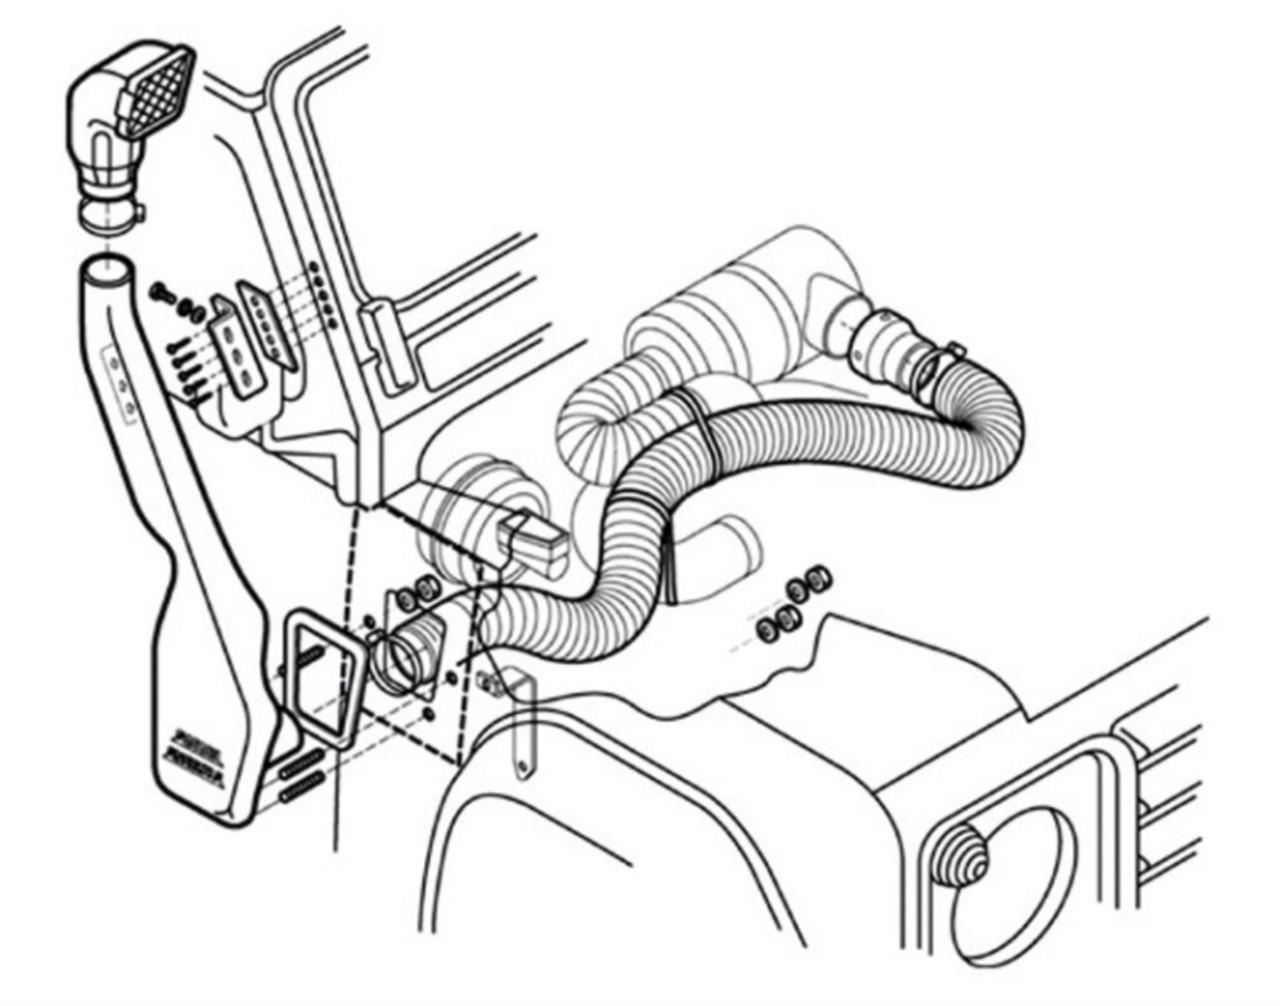 Safari Raised Air Snorkel For Defender V8